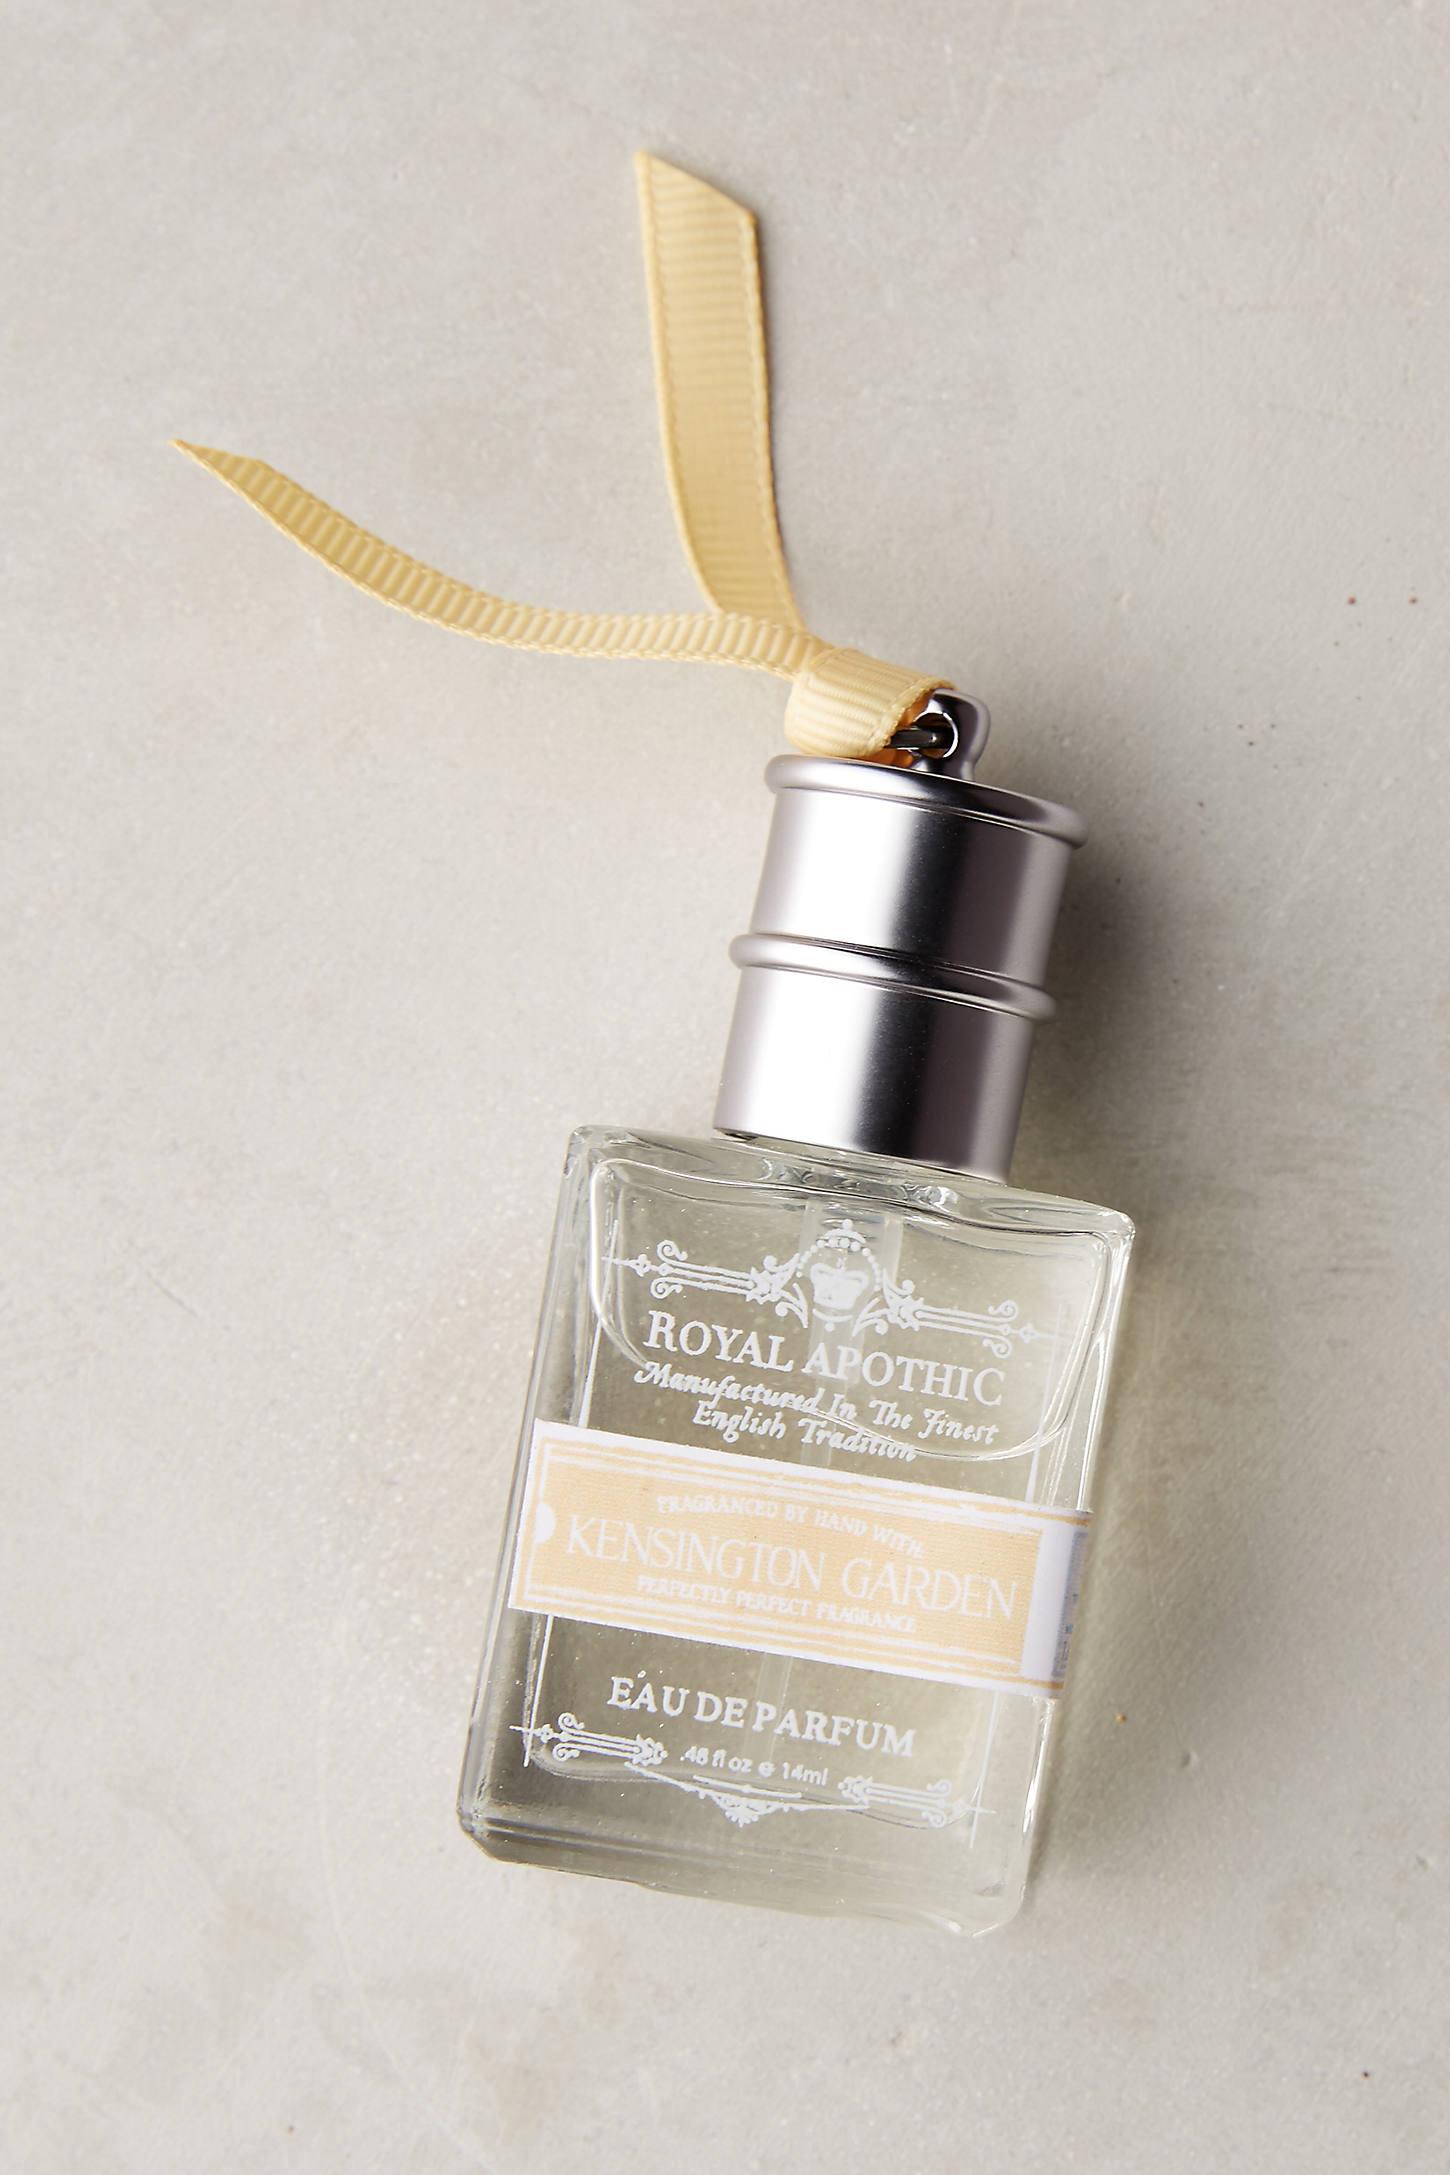 Royal Apothic Mini Eau De Parfum